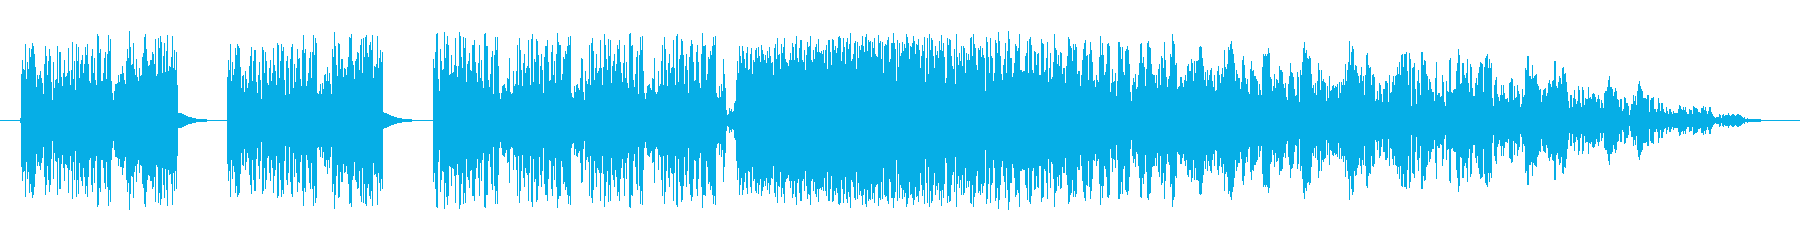 レーザー静的干渉スワイプの再生済みの波形